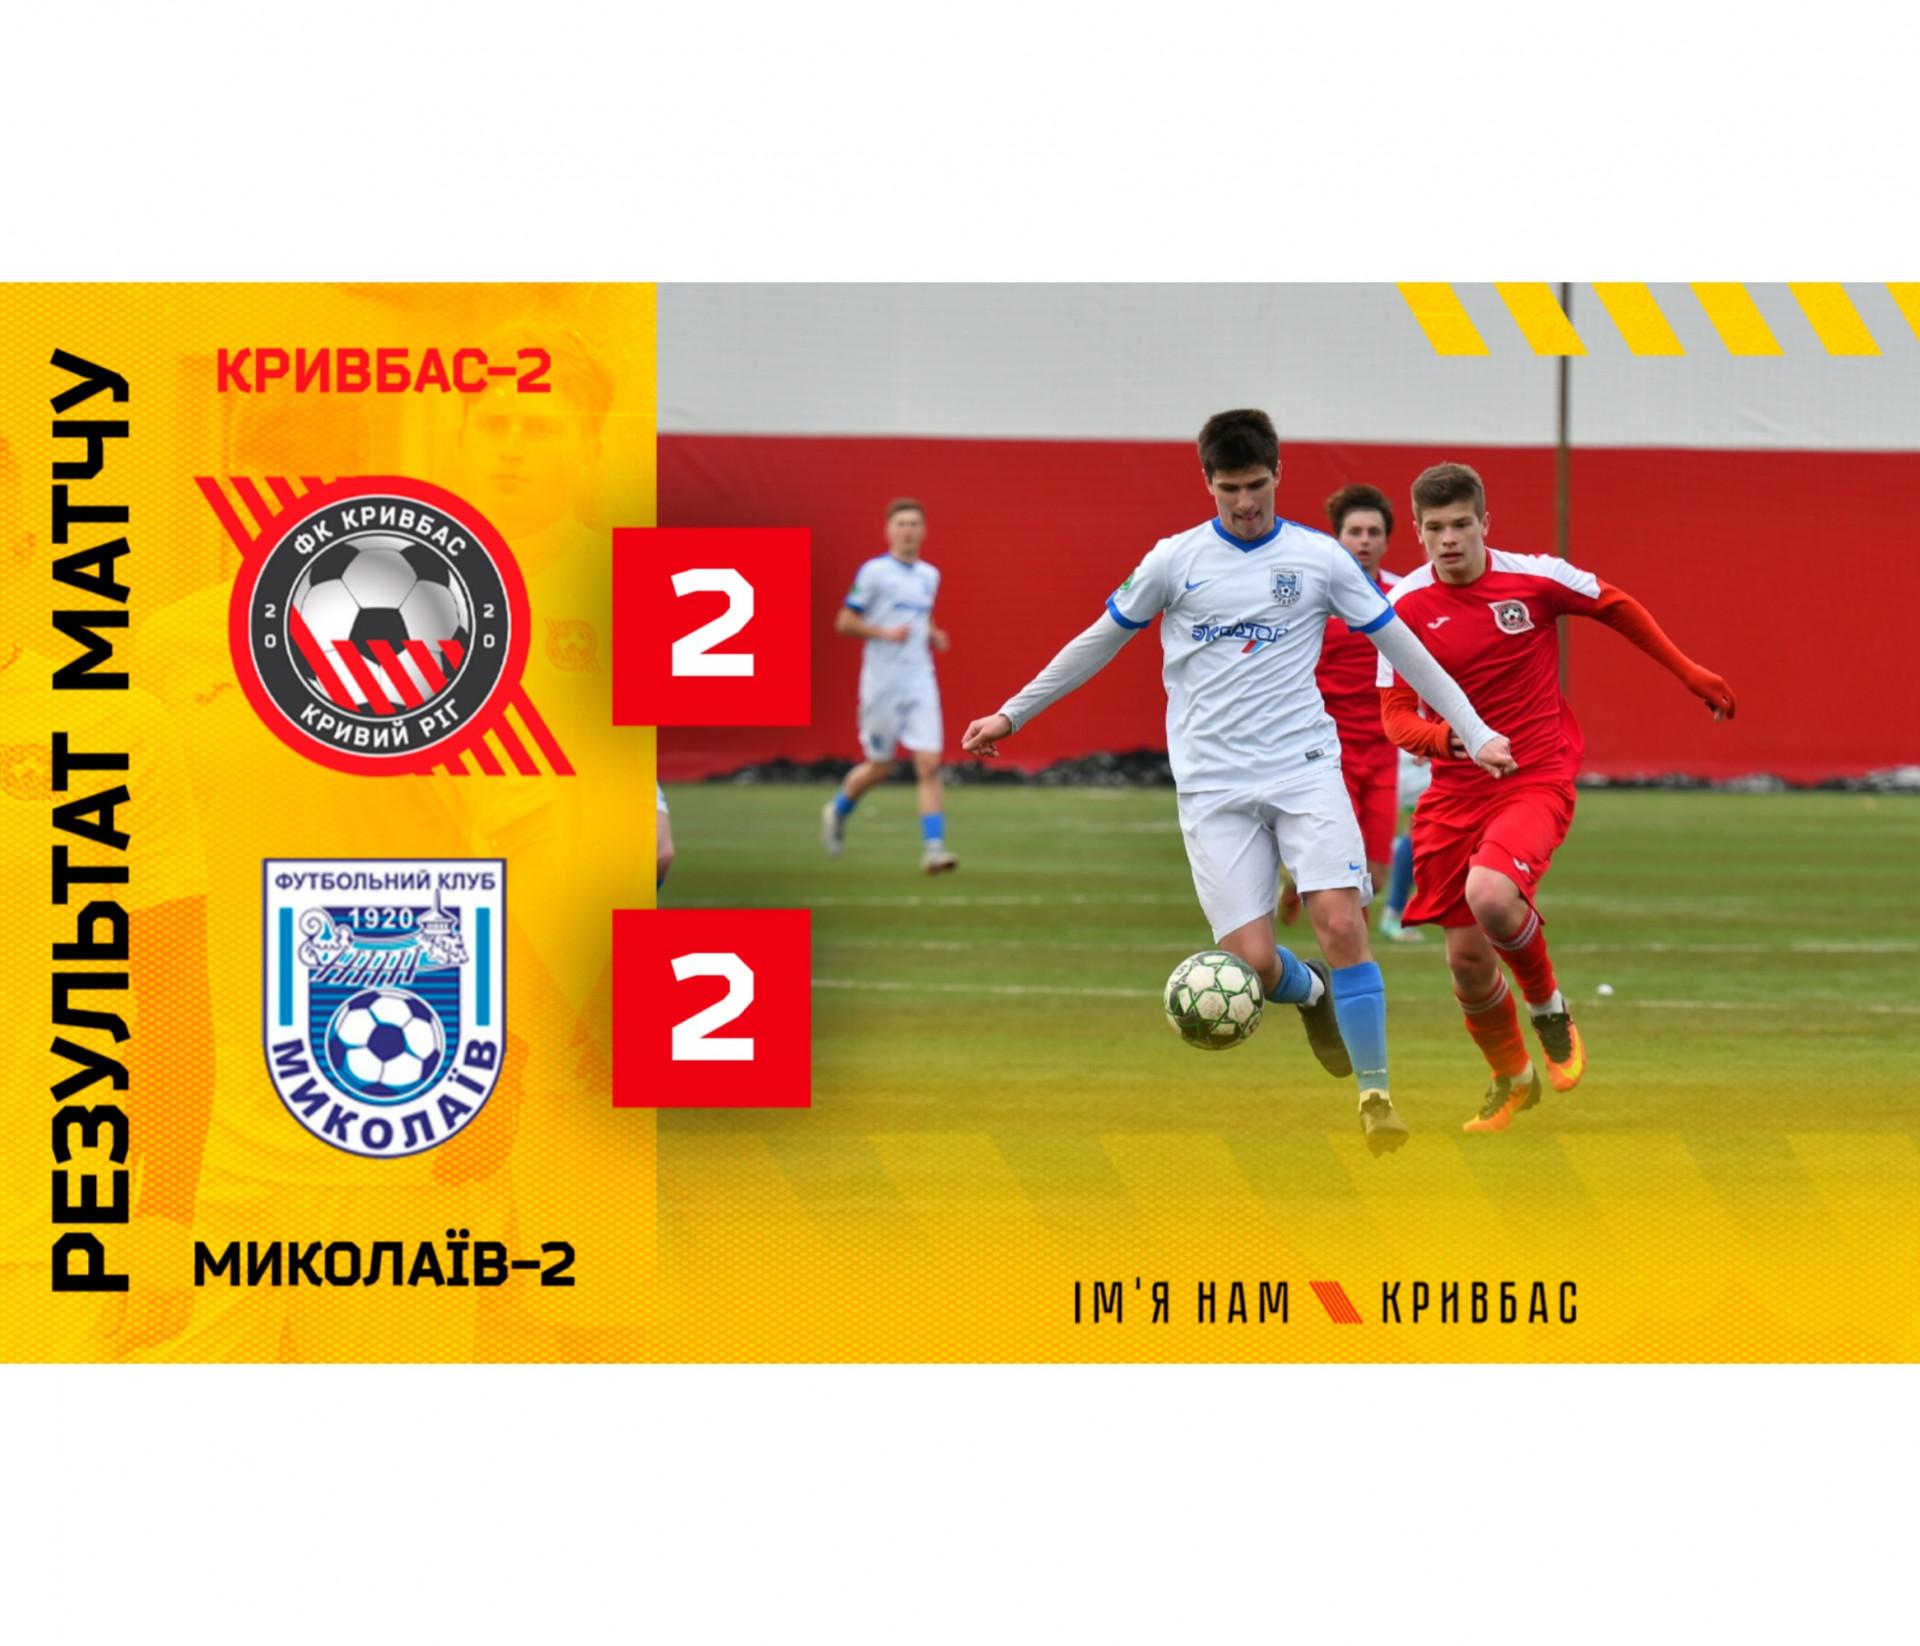 """""""Кривбас-2"""" - """"Миколаїв-2"""" 2:2}"""